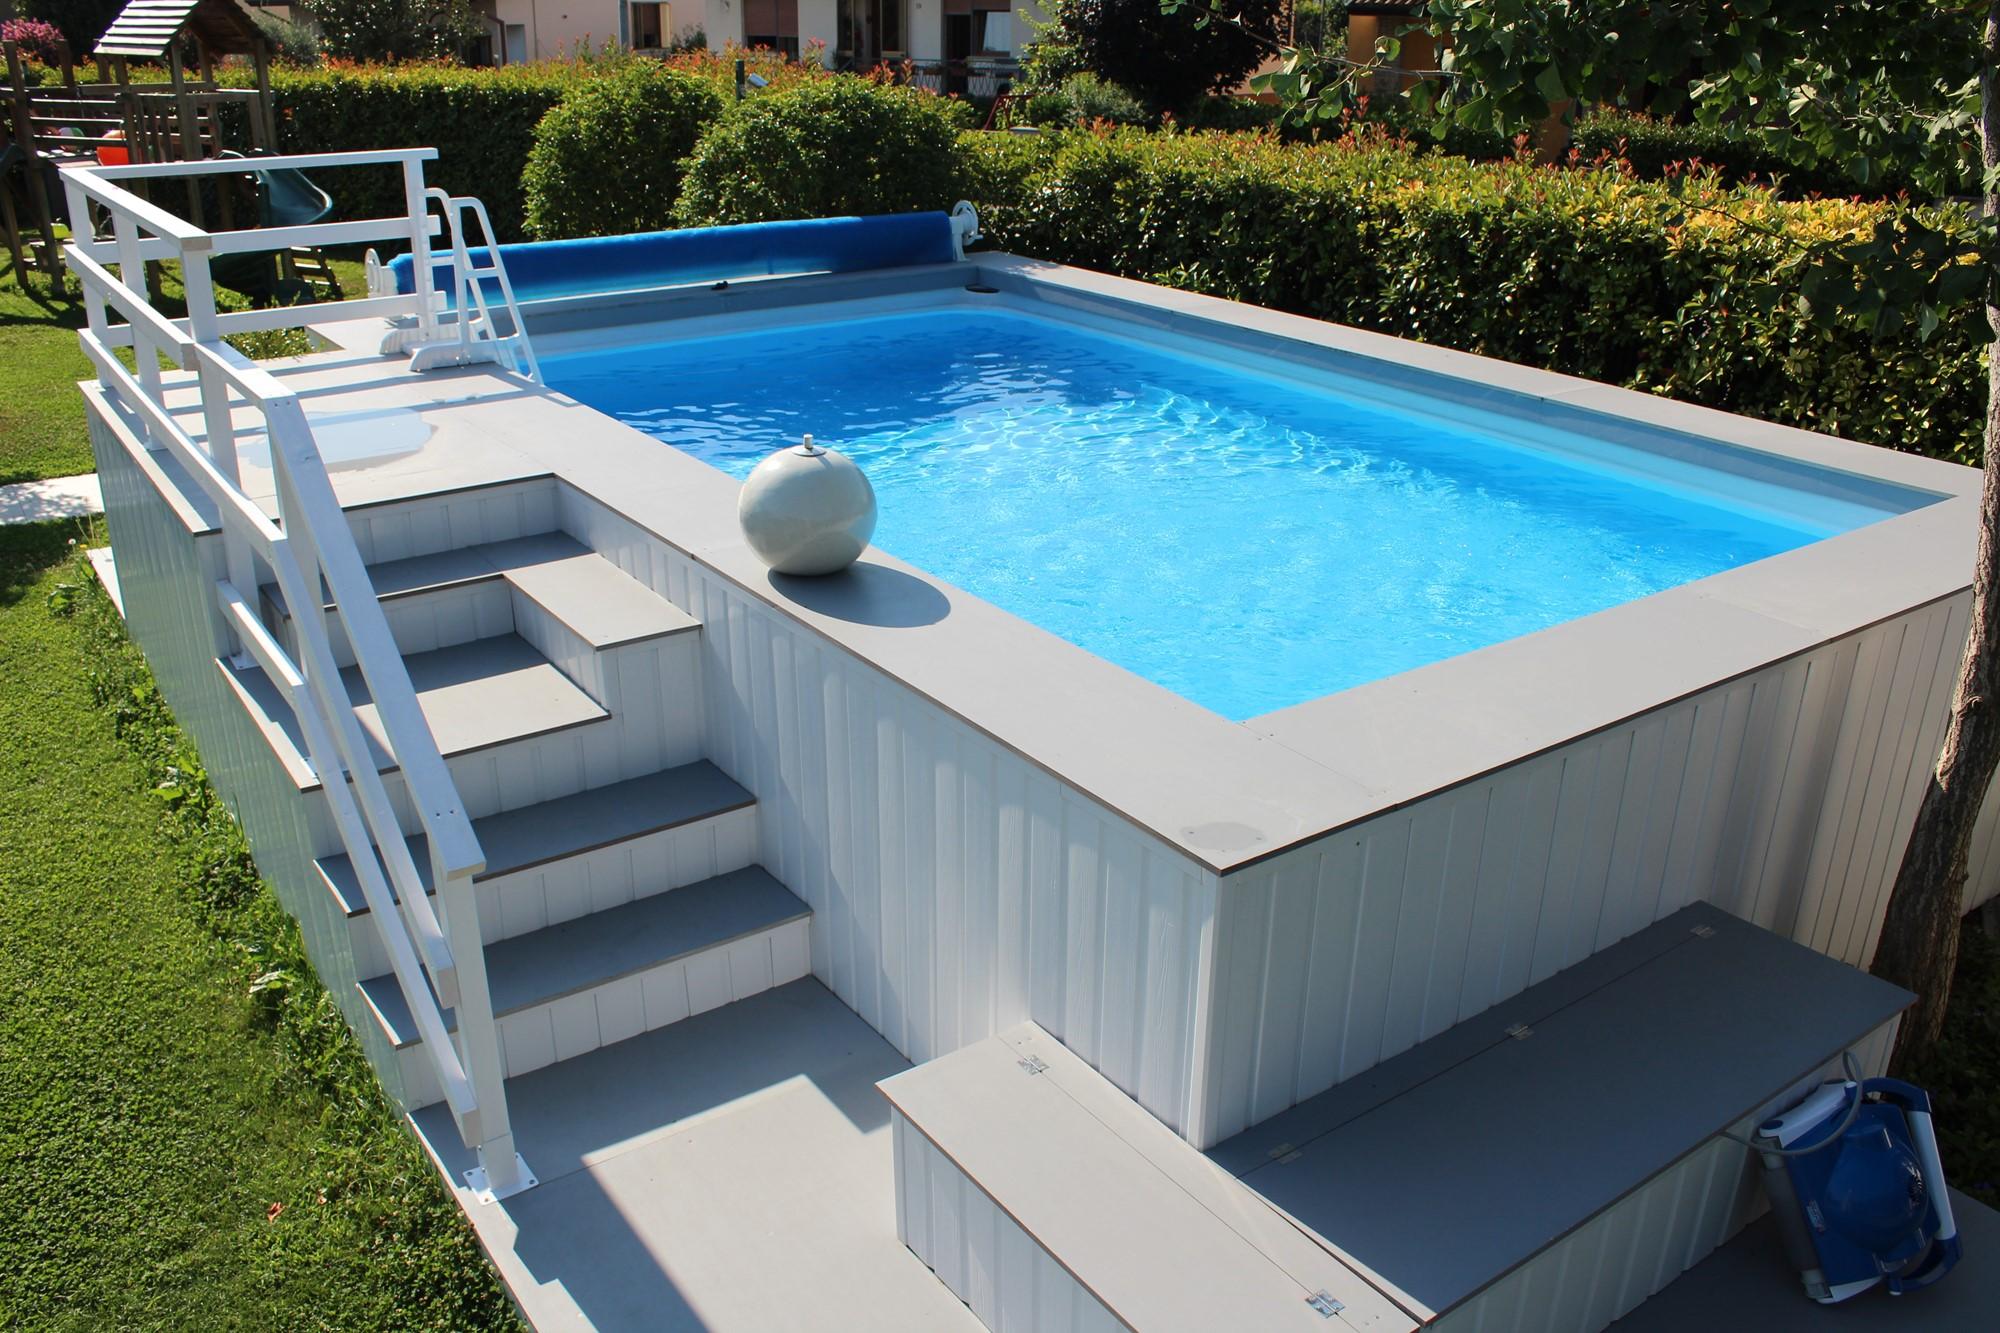 le 48 pi belle piscine fuori terra rivestite piscine